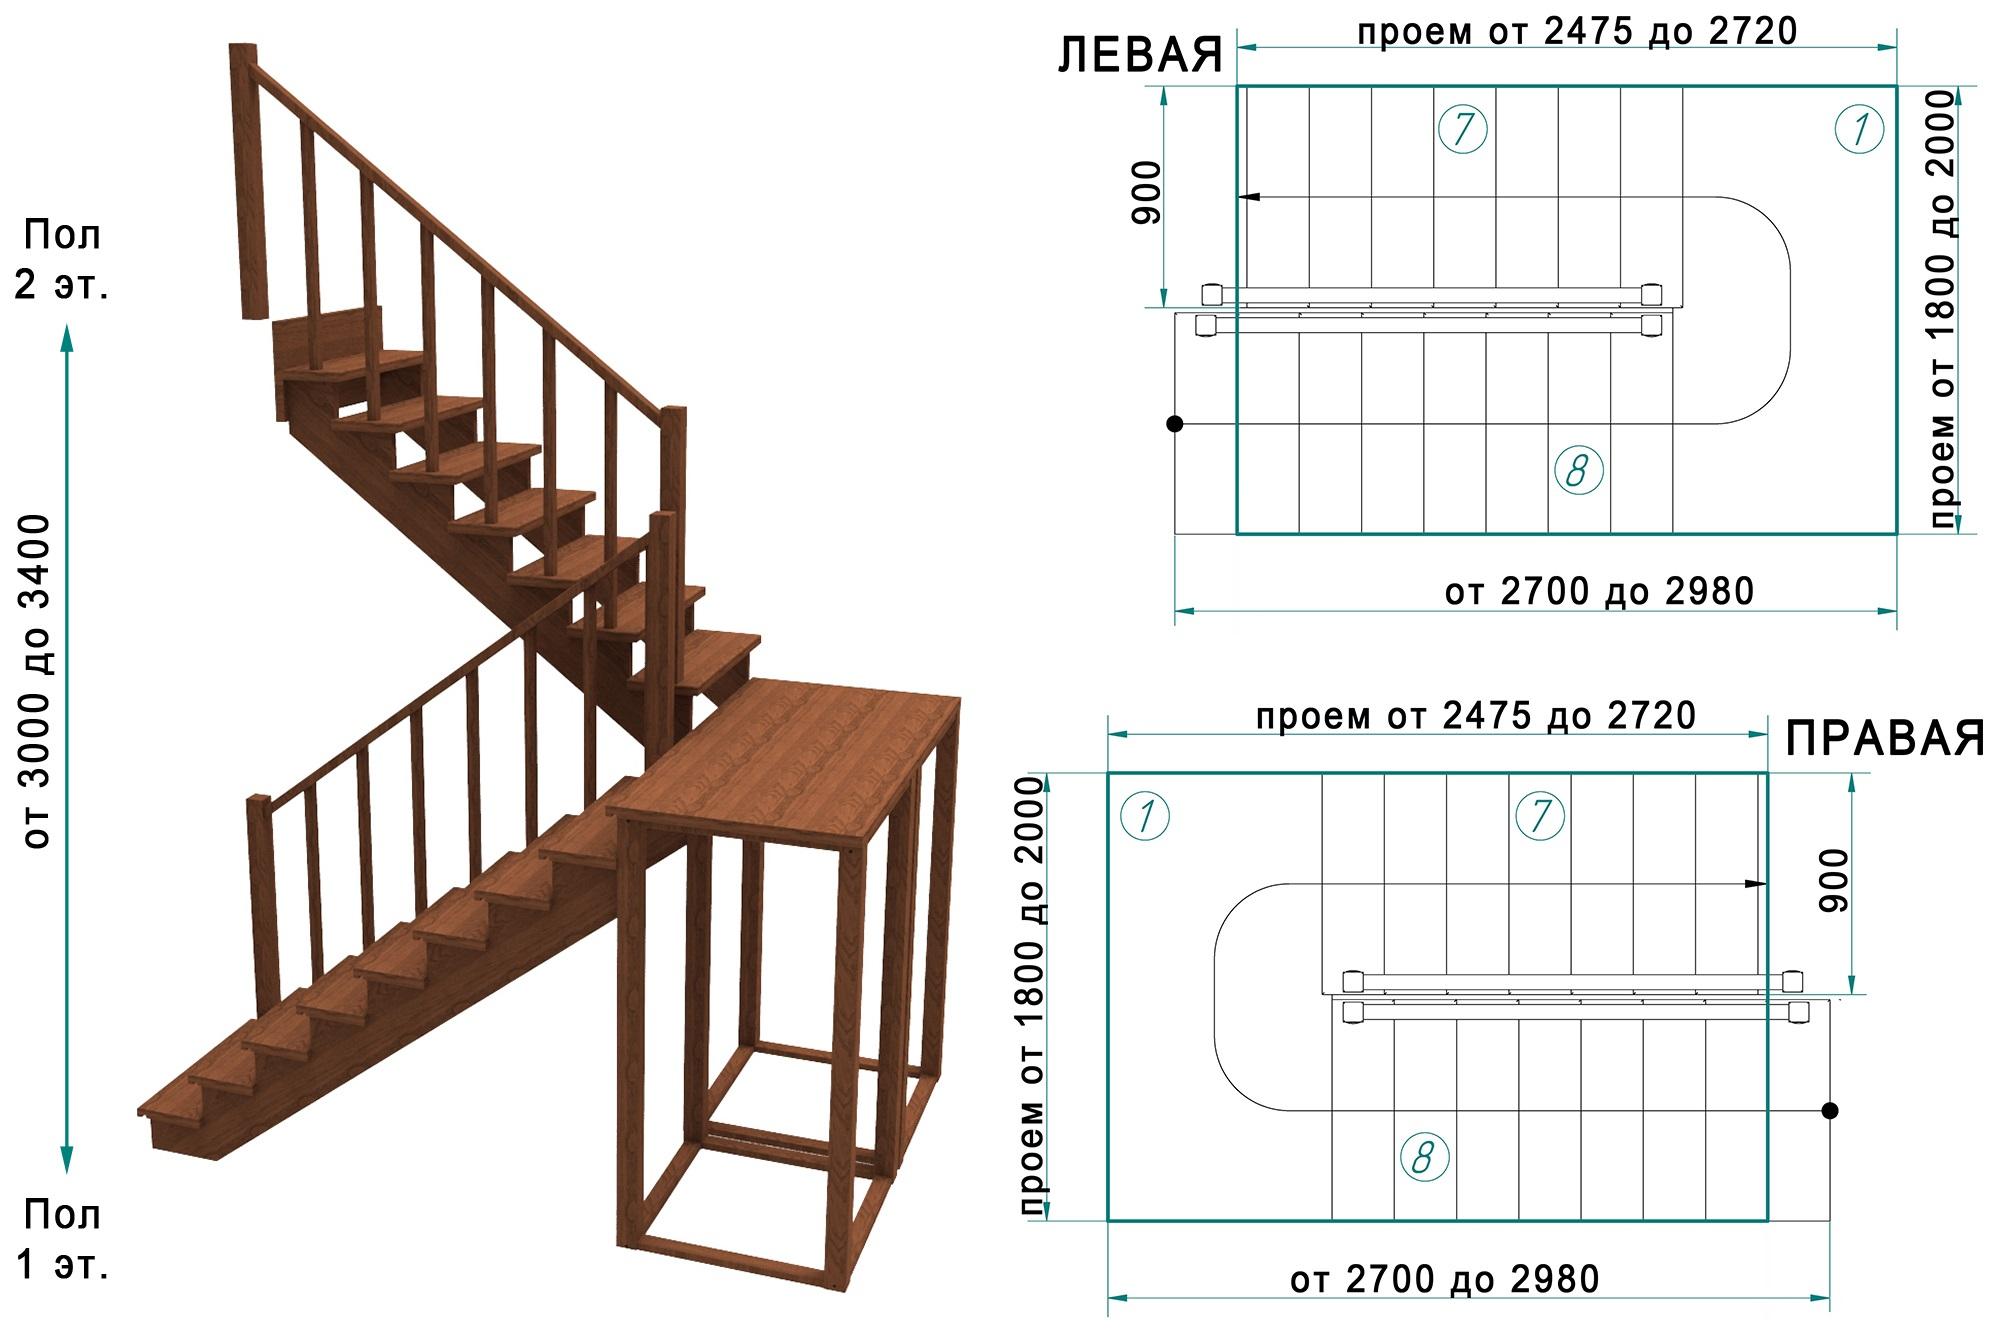 П-образная лестница. Конструкция